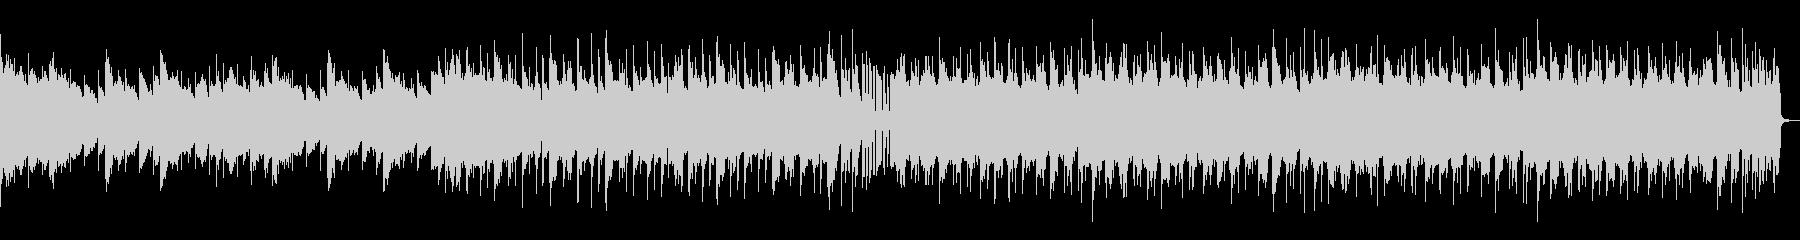 きらびやかなハウス_No656_3の未再生の波形